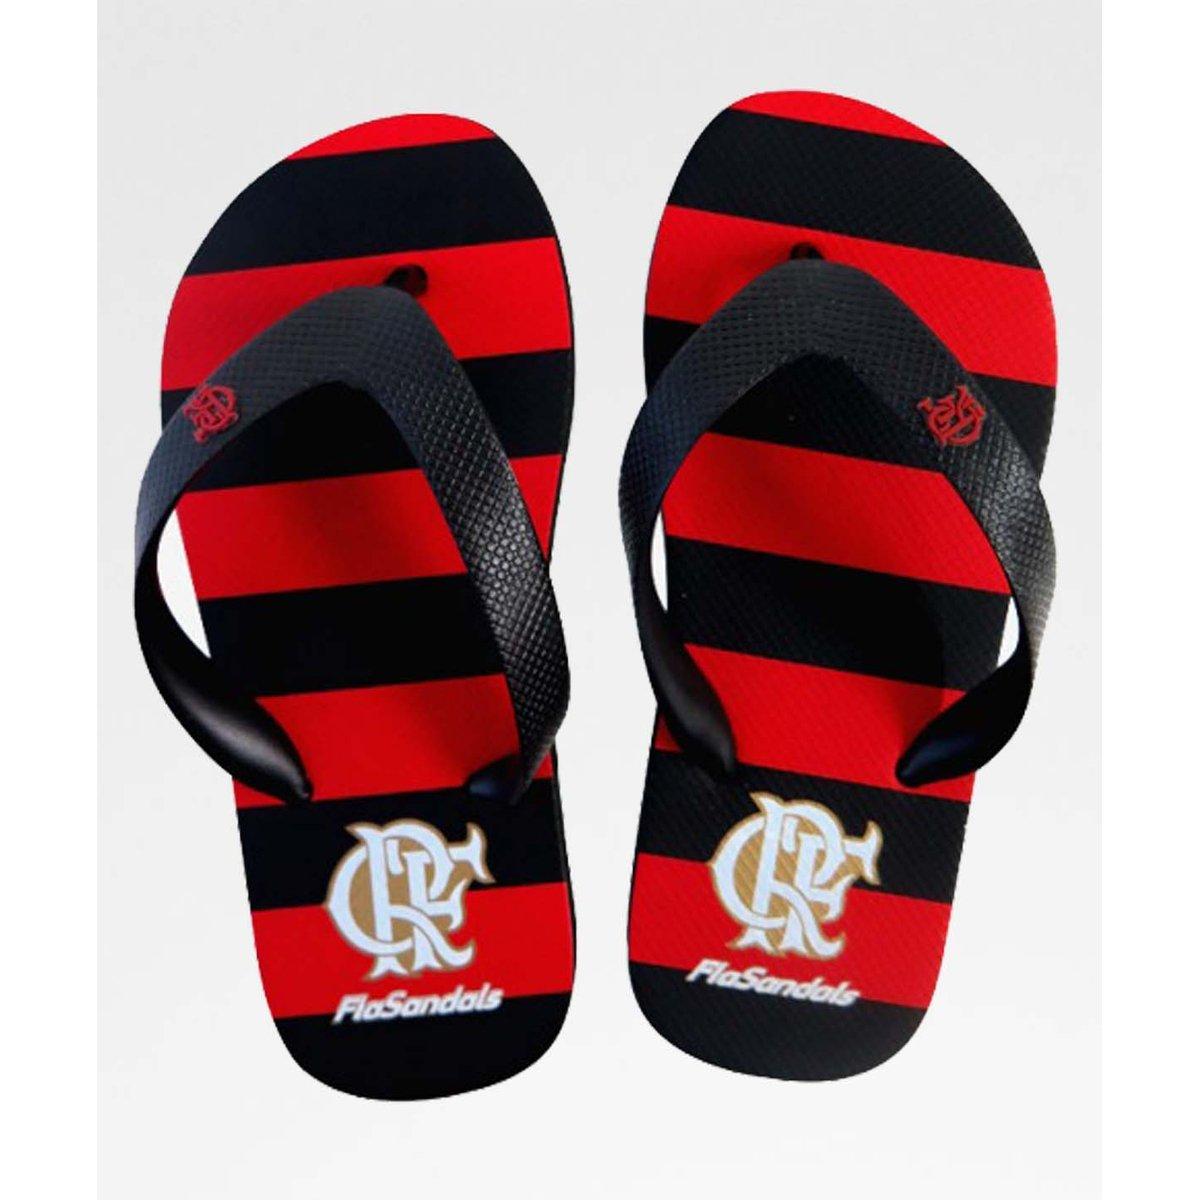 Chinelo Oficial Manto e Vermelho Preto Kids Chinelo Flamengo Flamengo qCqpz